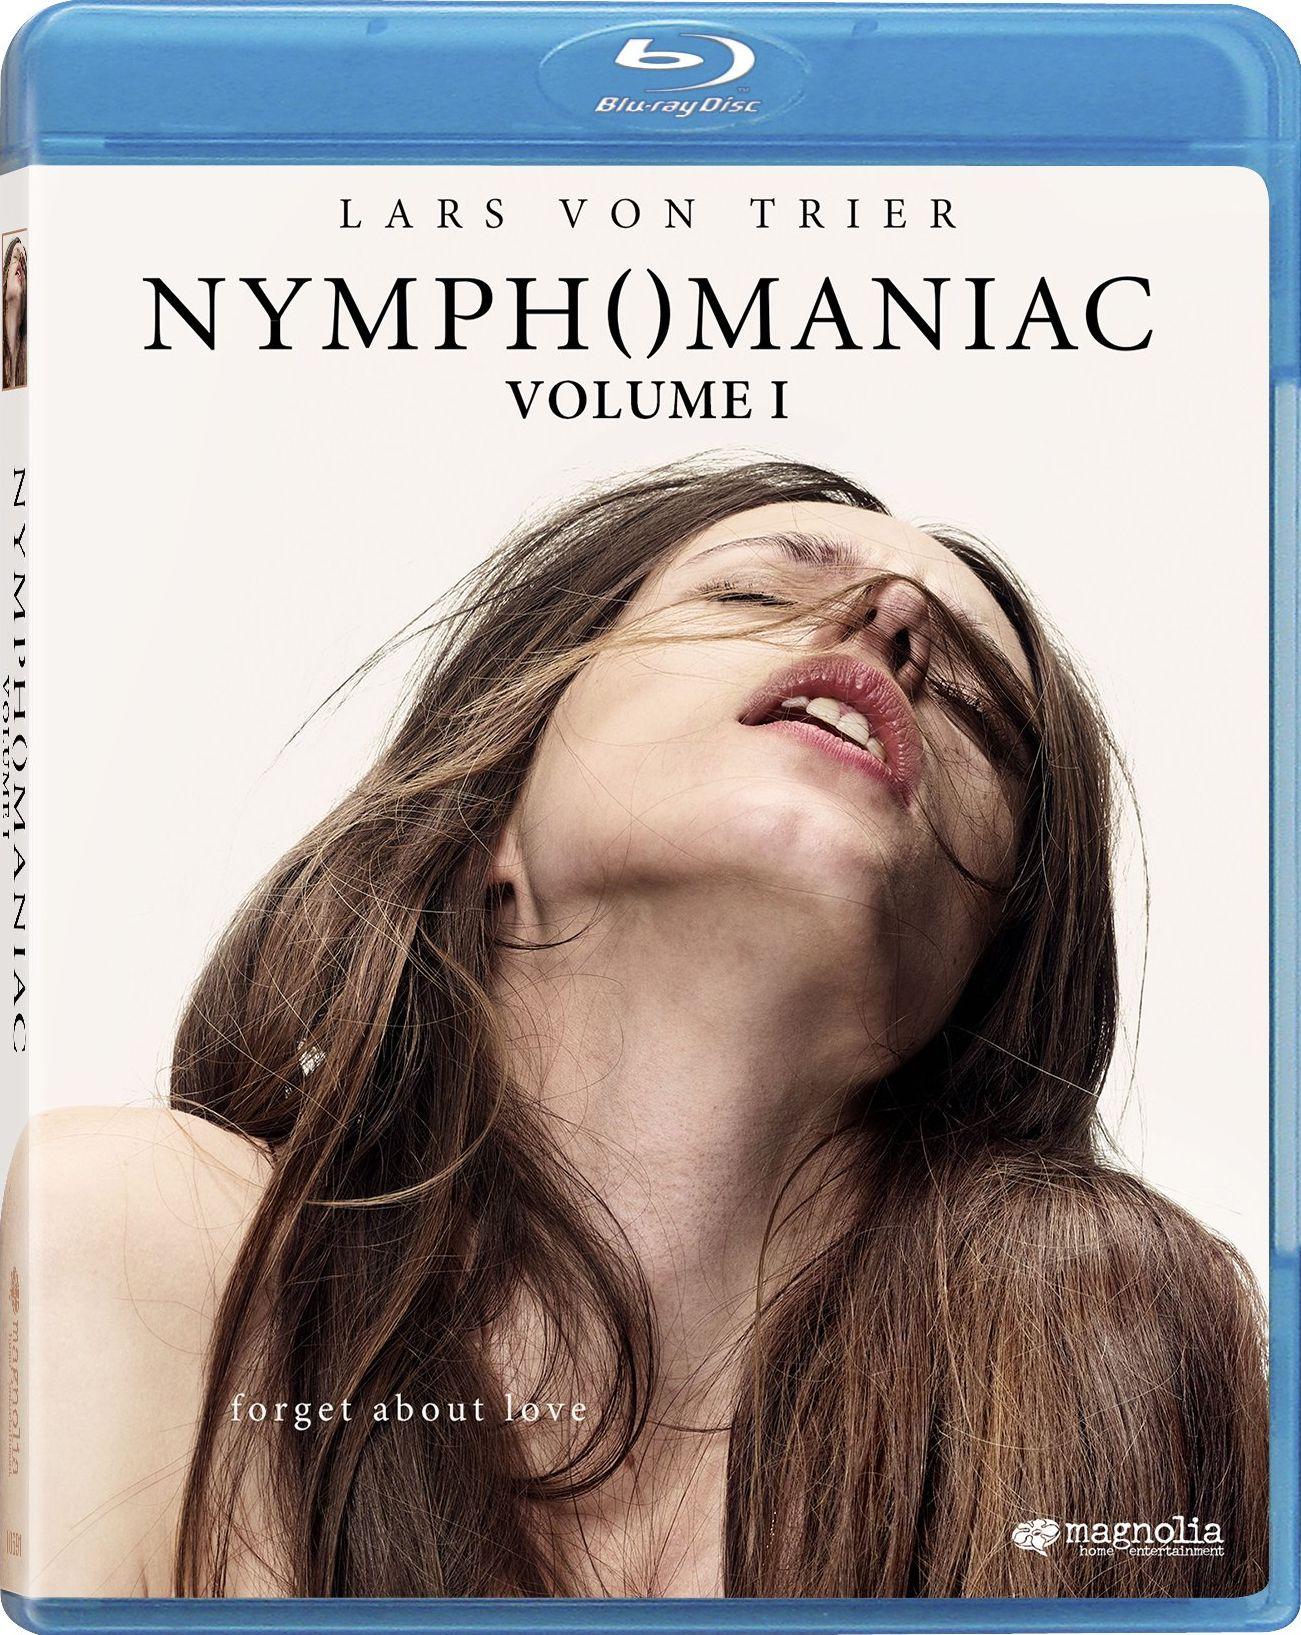 Nymphomaniac 1 , porno cu subtitrare romana , filme porno , bluray , hd , Charlotte Gainsbourg , erotic , adult ,